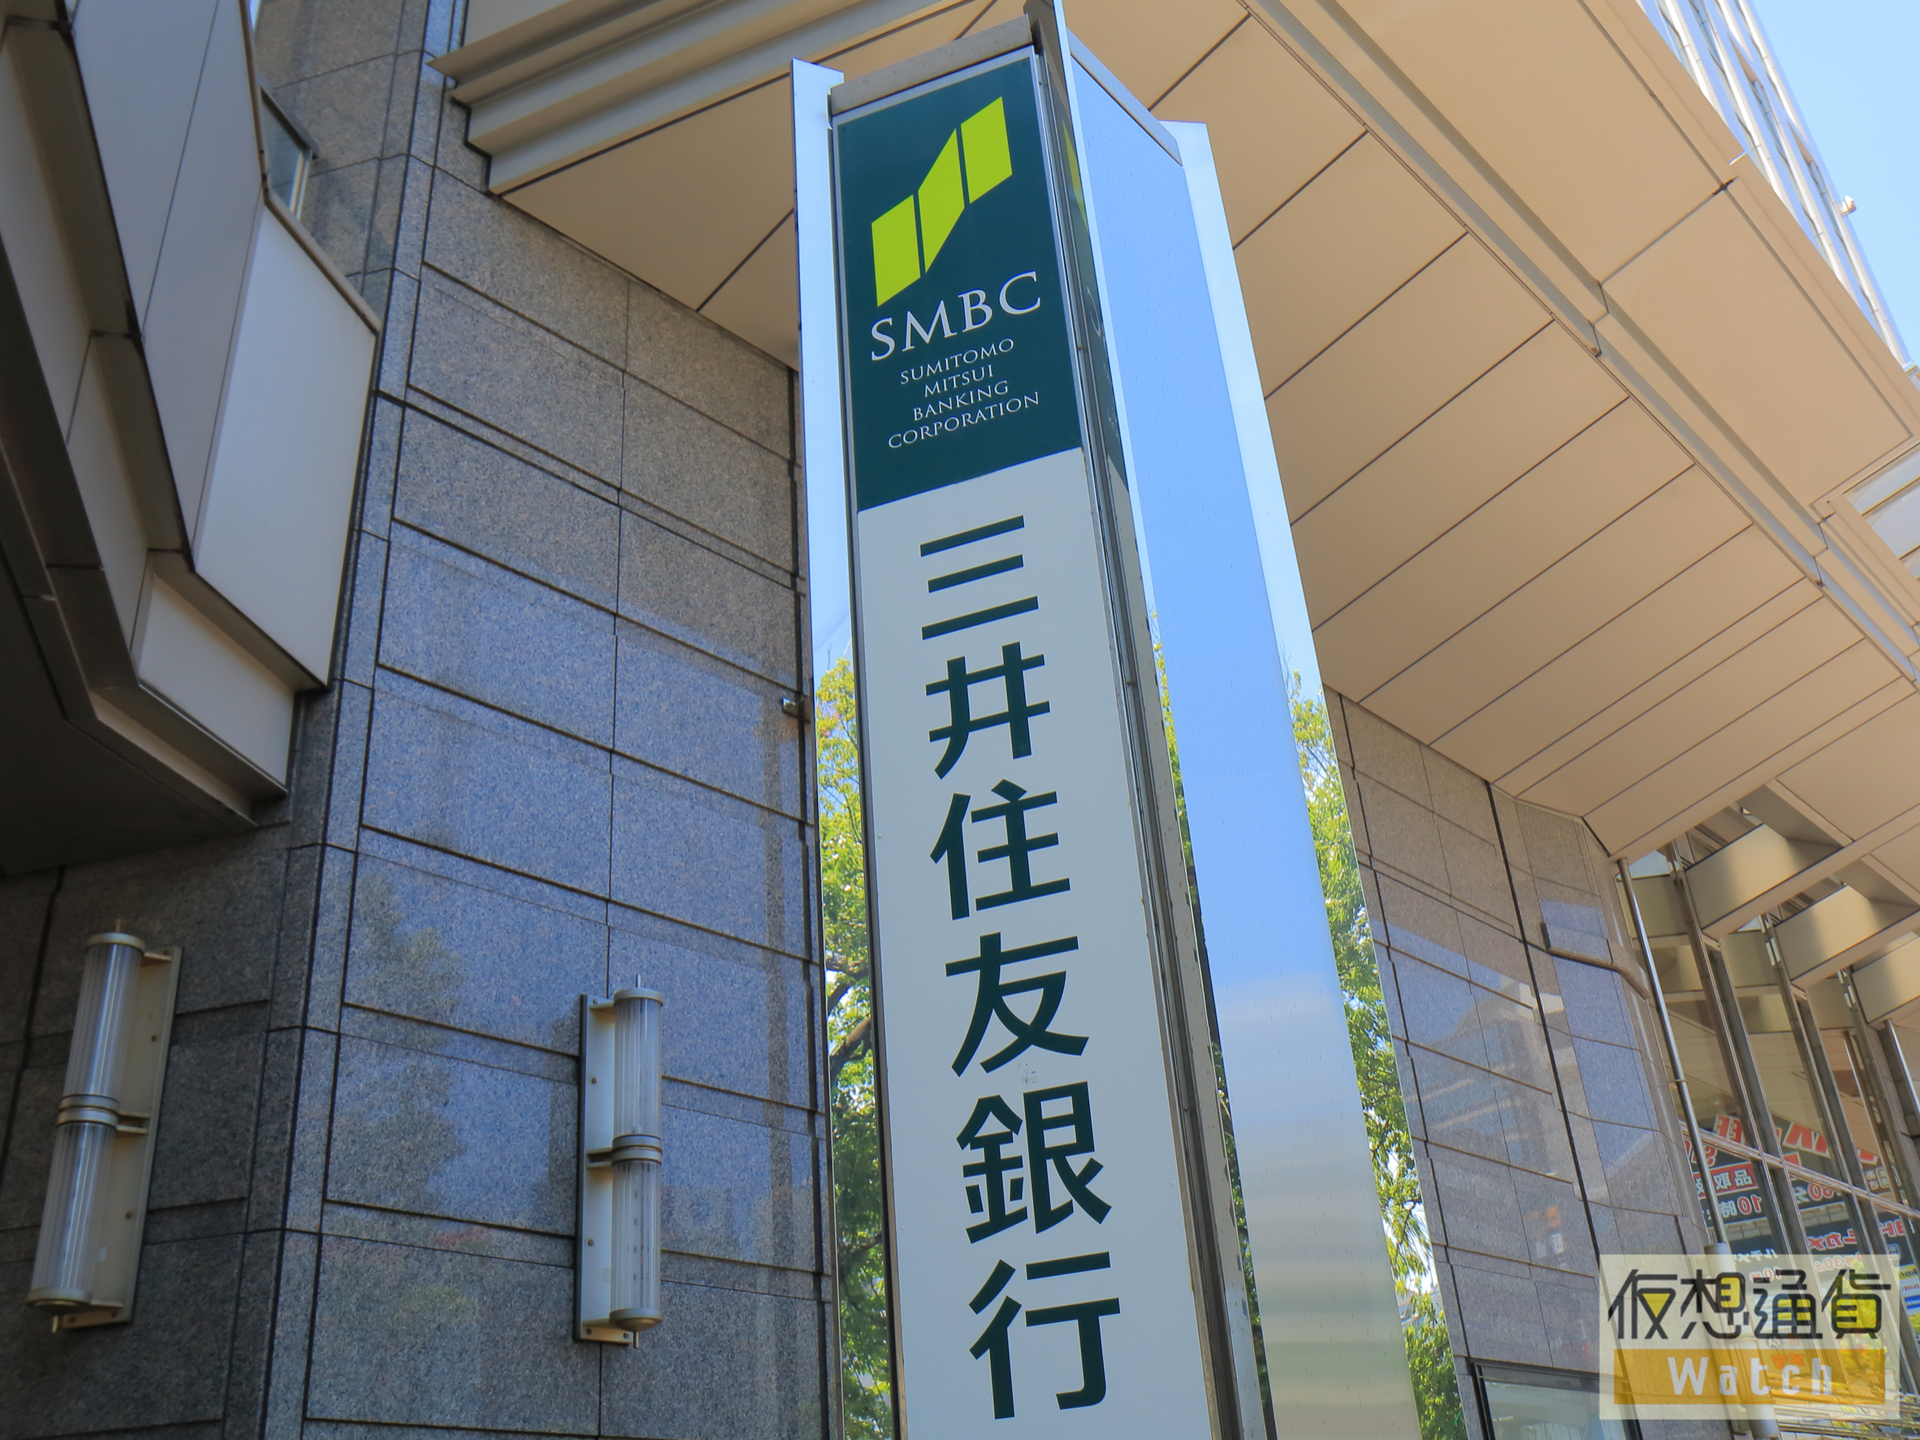 仮想通貨リップル、送金システムに三井住友(SMBC)ゆうちょ銀行も参加。暴落の歯止めとなるか。